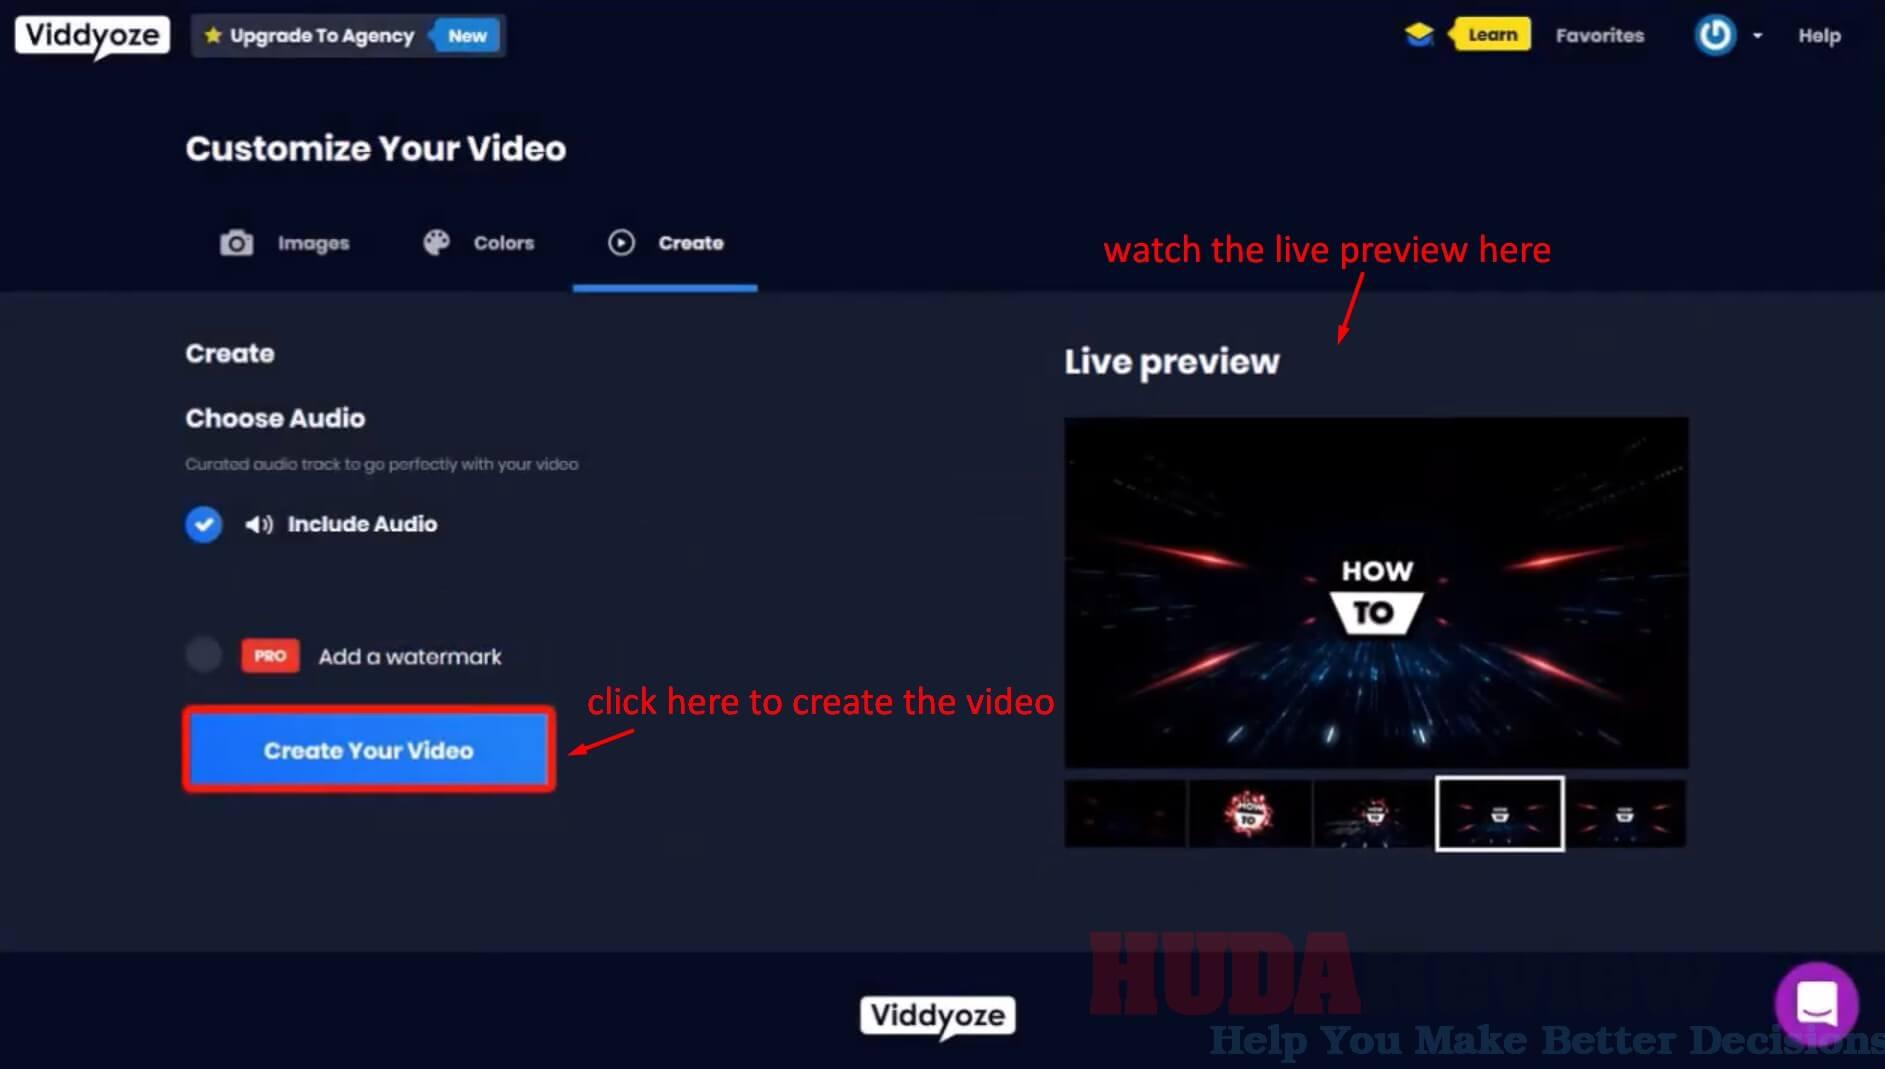 Viddyoze-Review-Step-2-6